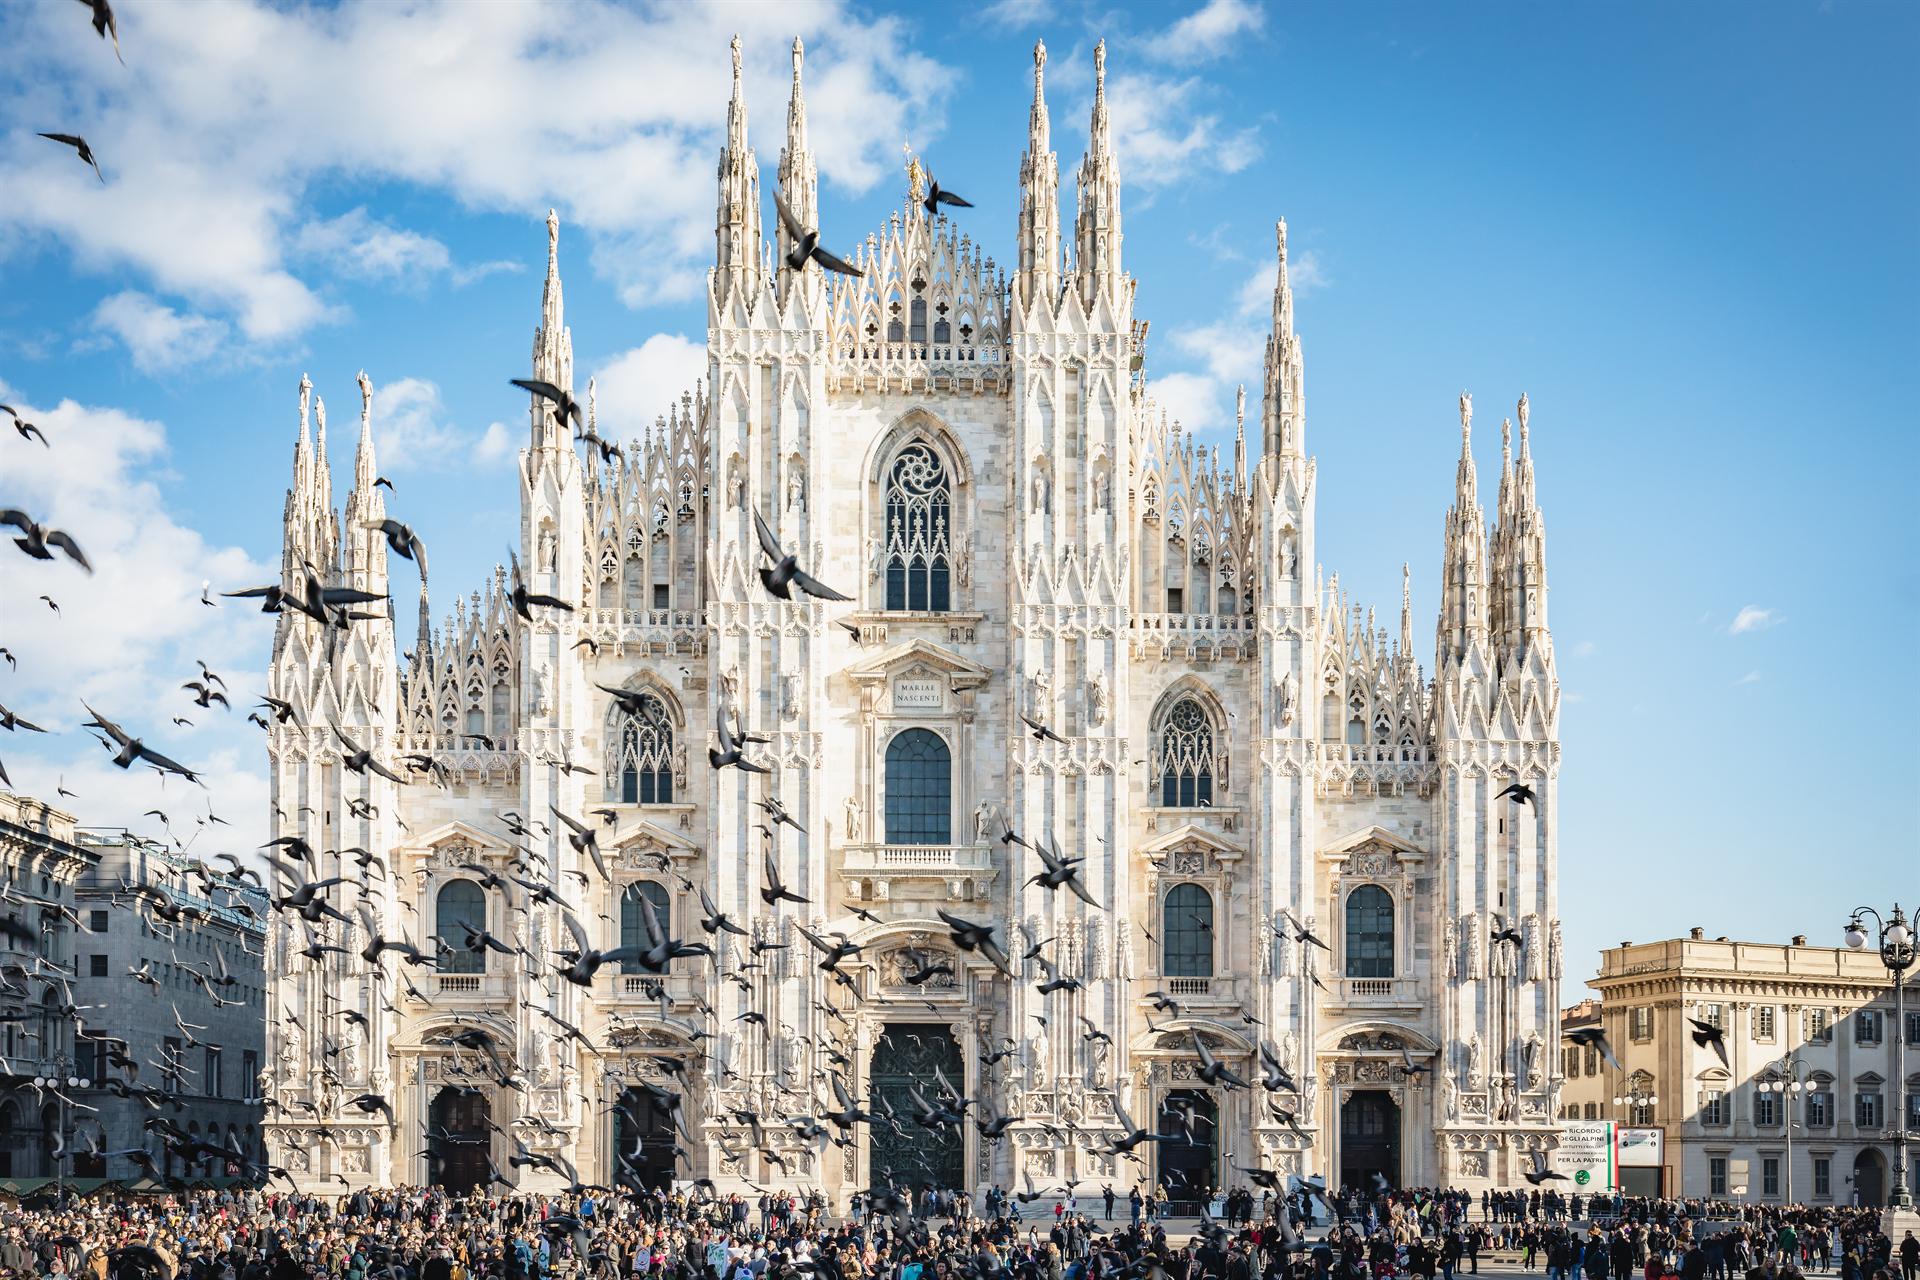 FS 2018 Dec7 Duomo Facadebirds Piazza 01